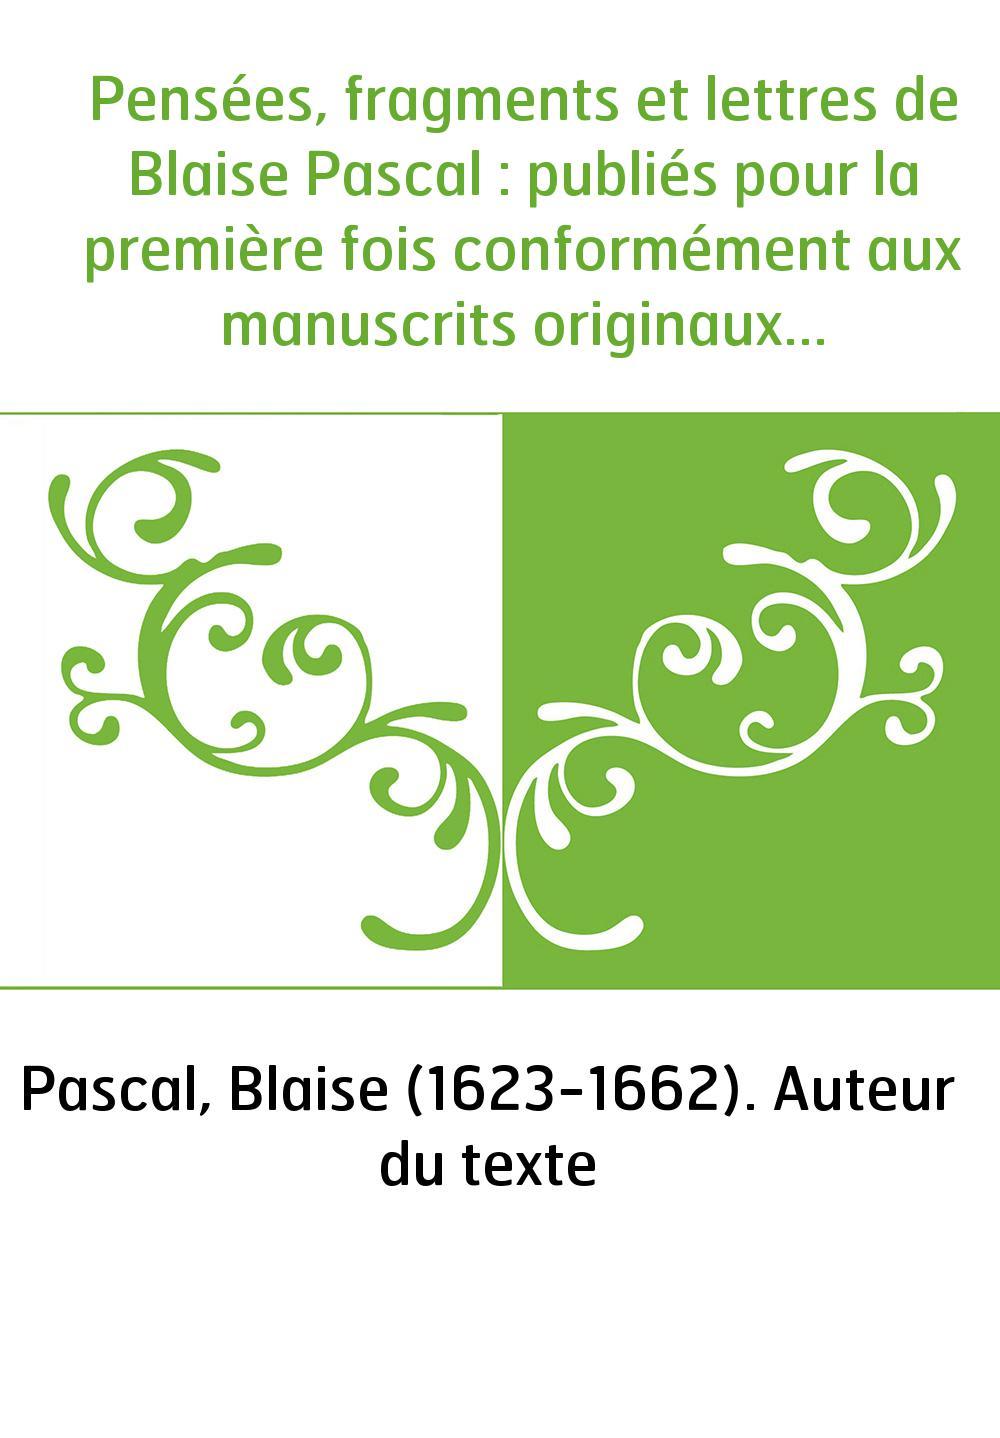 Pensées, fragments et lettres de Blaise Pascal : publiés pour la première fois conformément aux manuscrits originaux en grande p